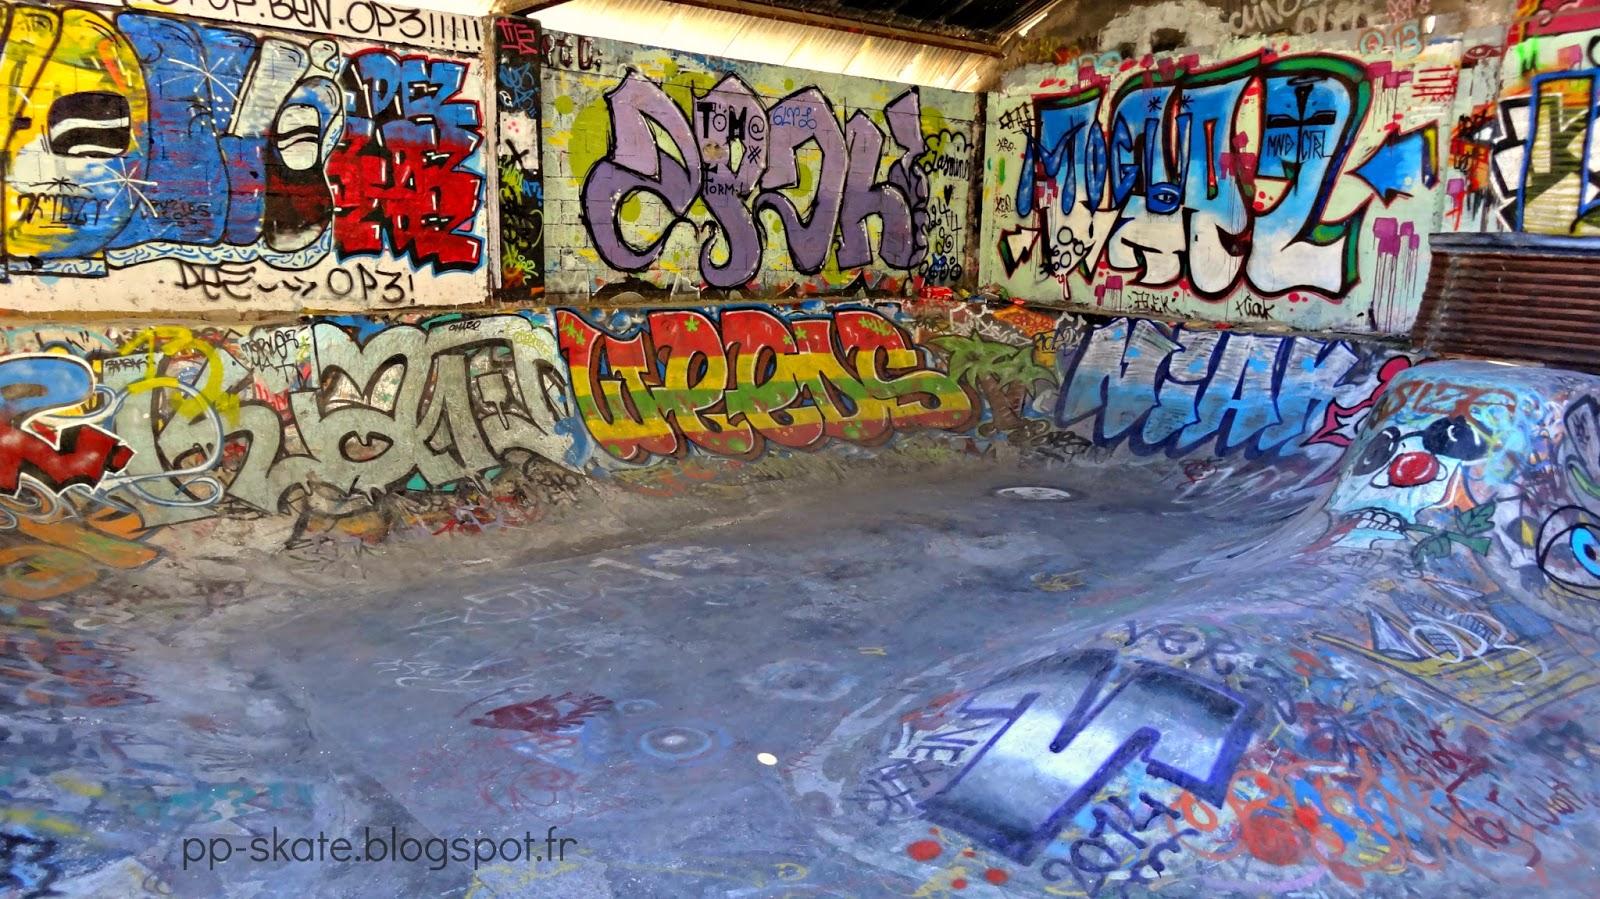 Skatepark La caserne